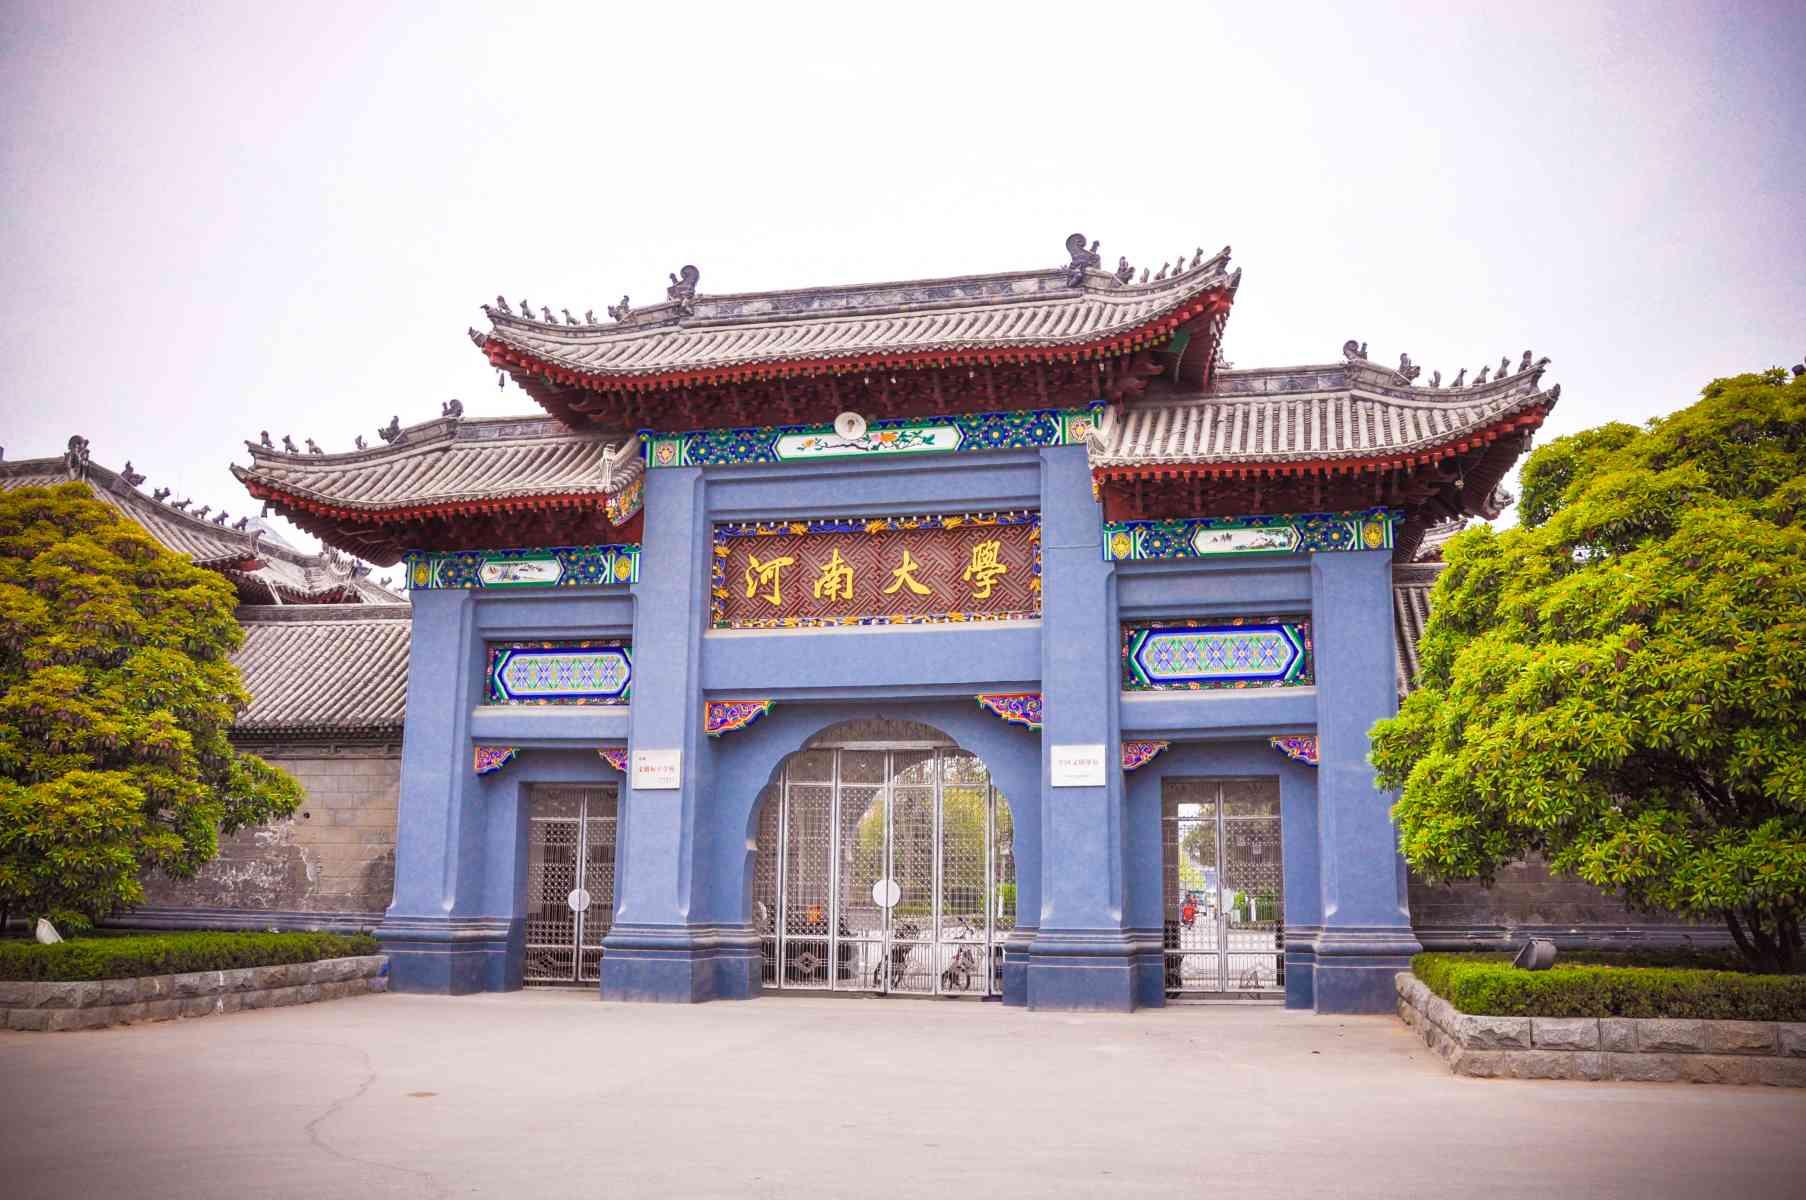 20067名河南可以报哪些大学 大学教育